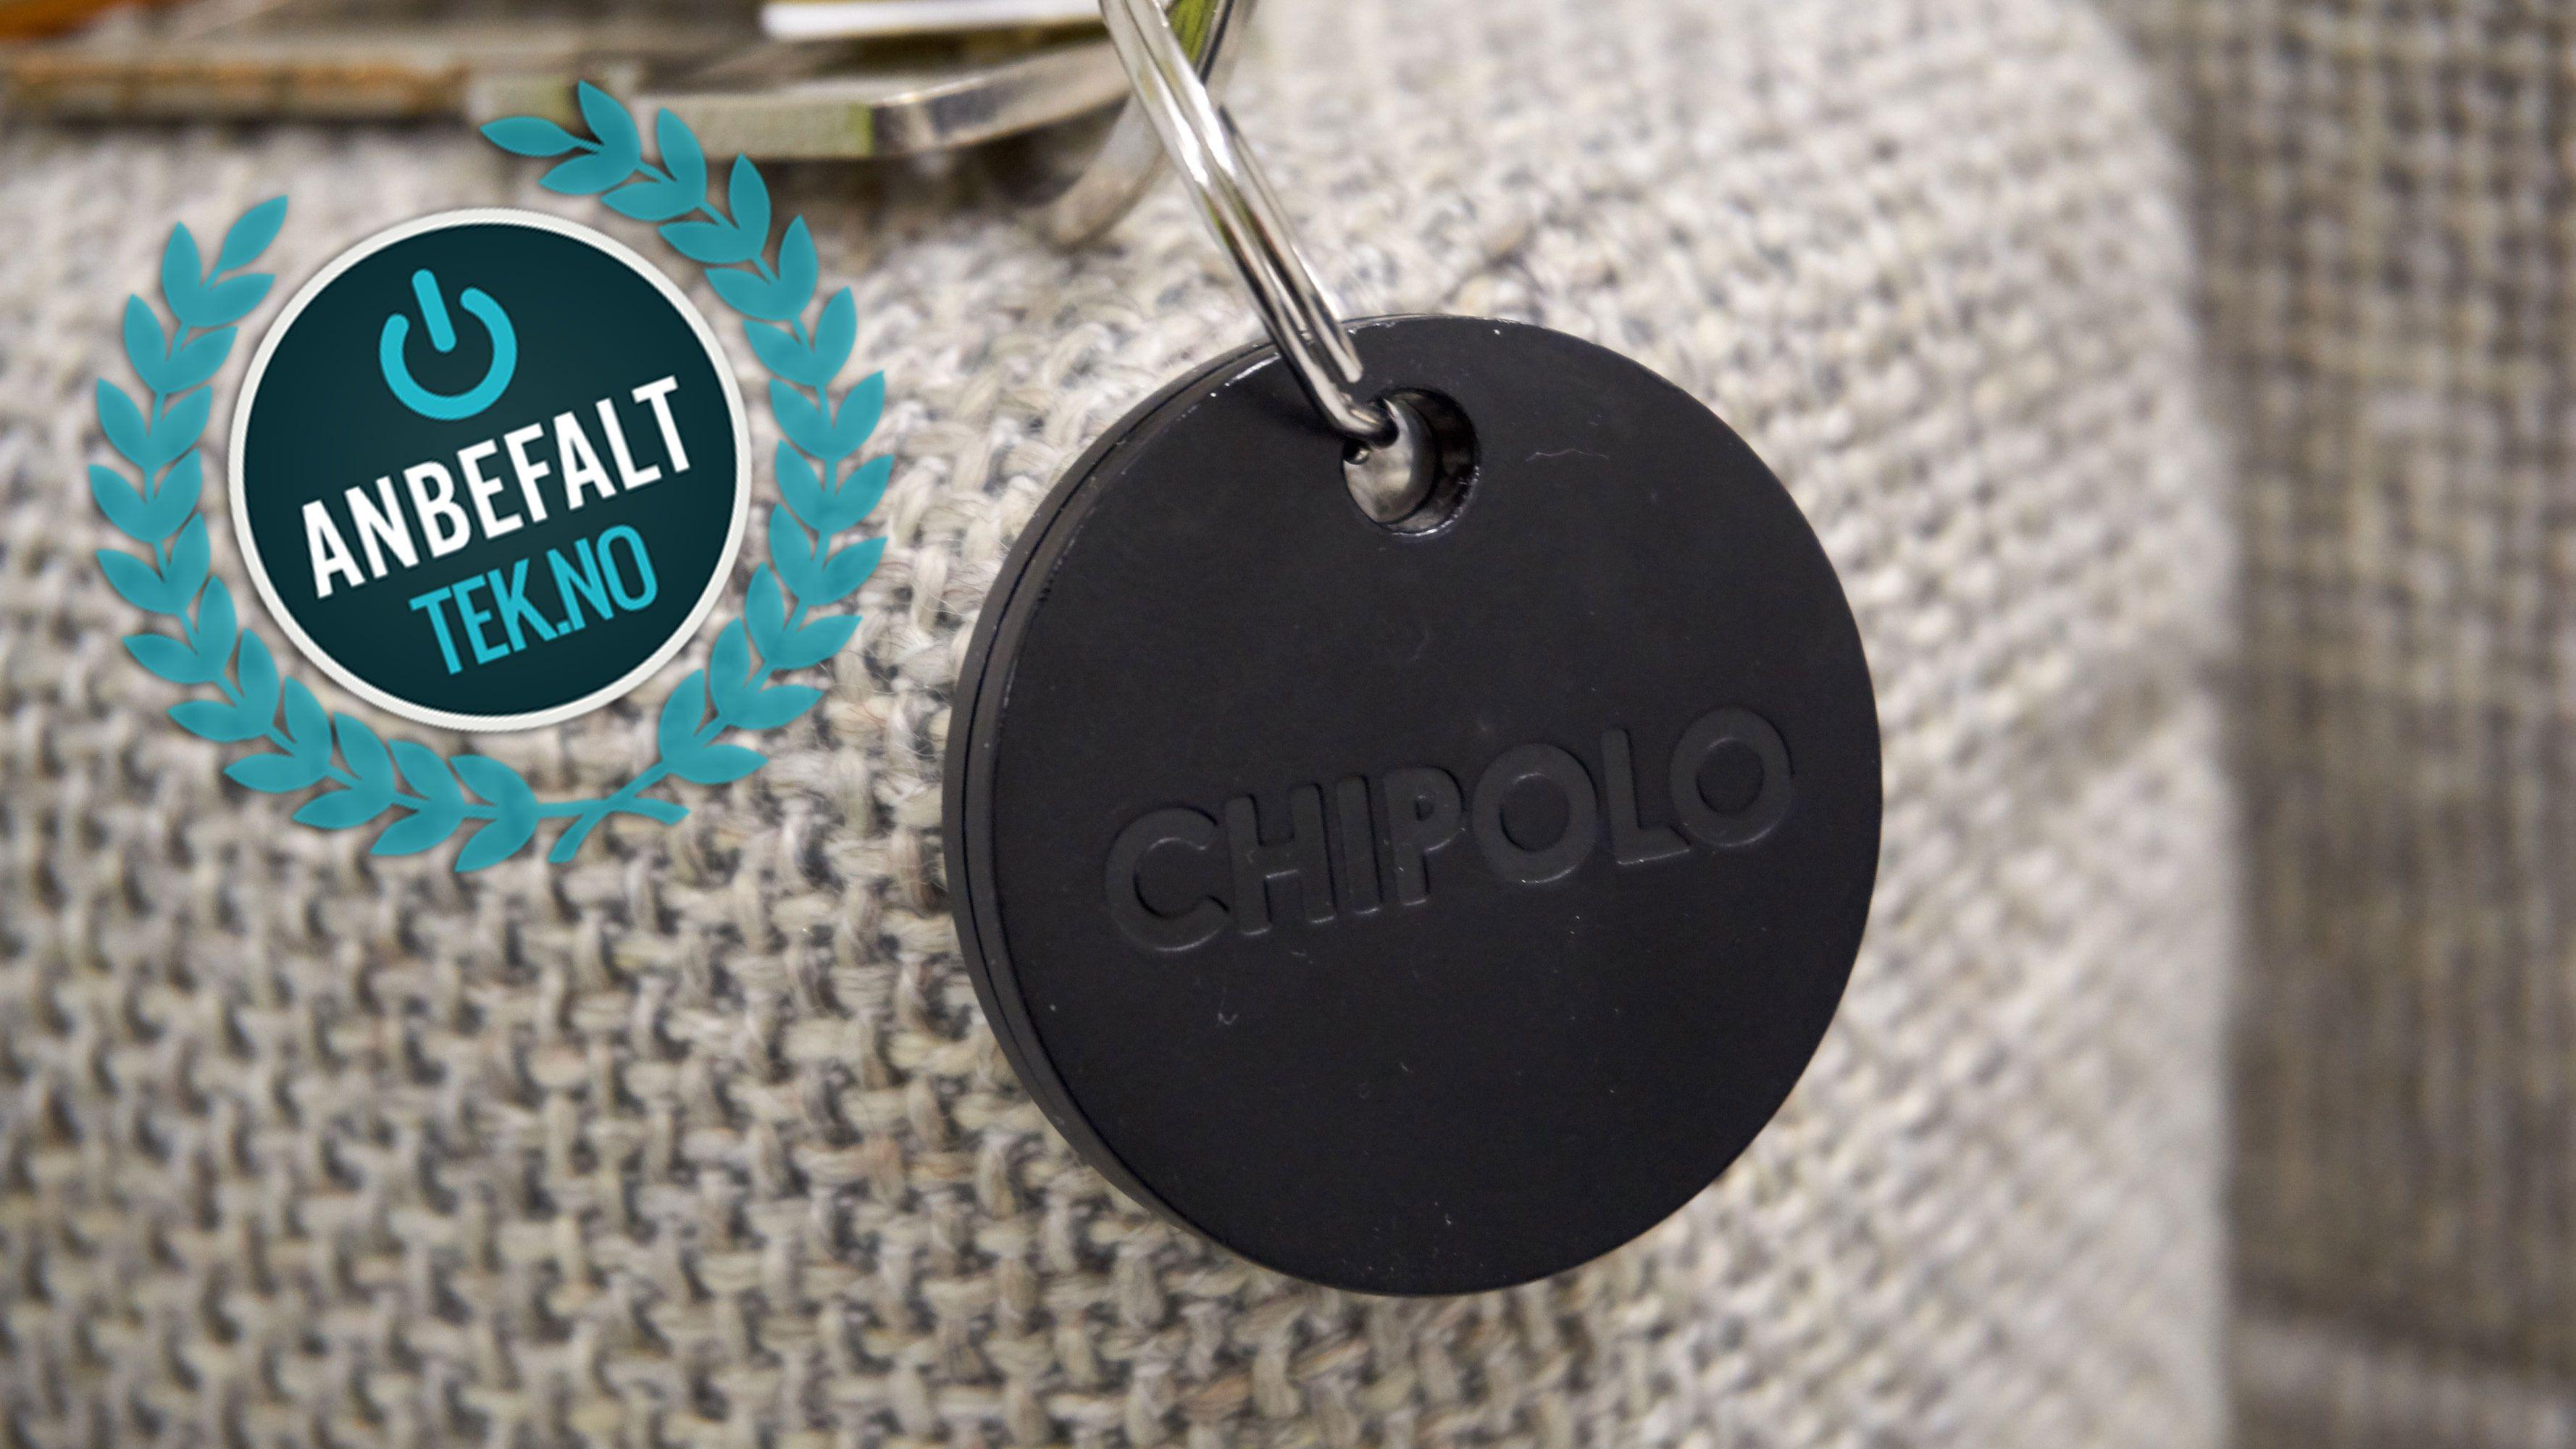 Chipolo Plus er en ny konge på haugen.